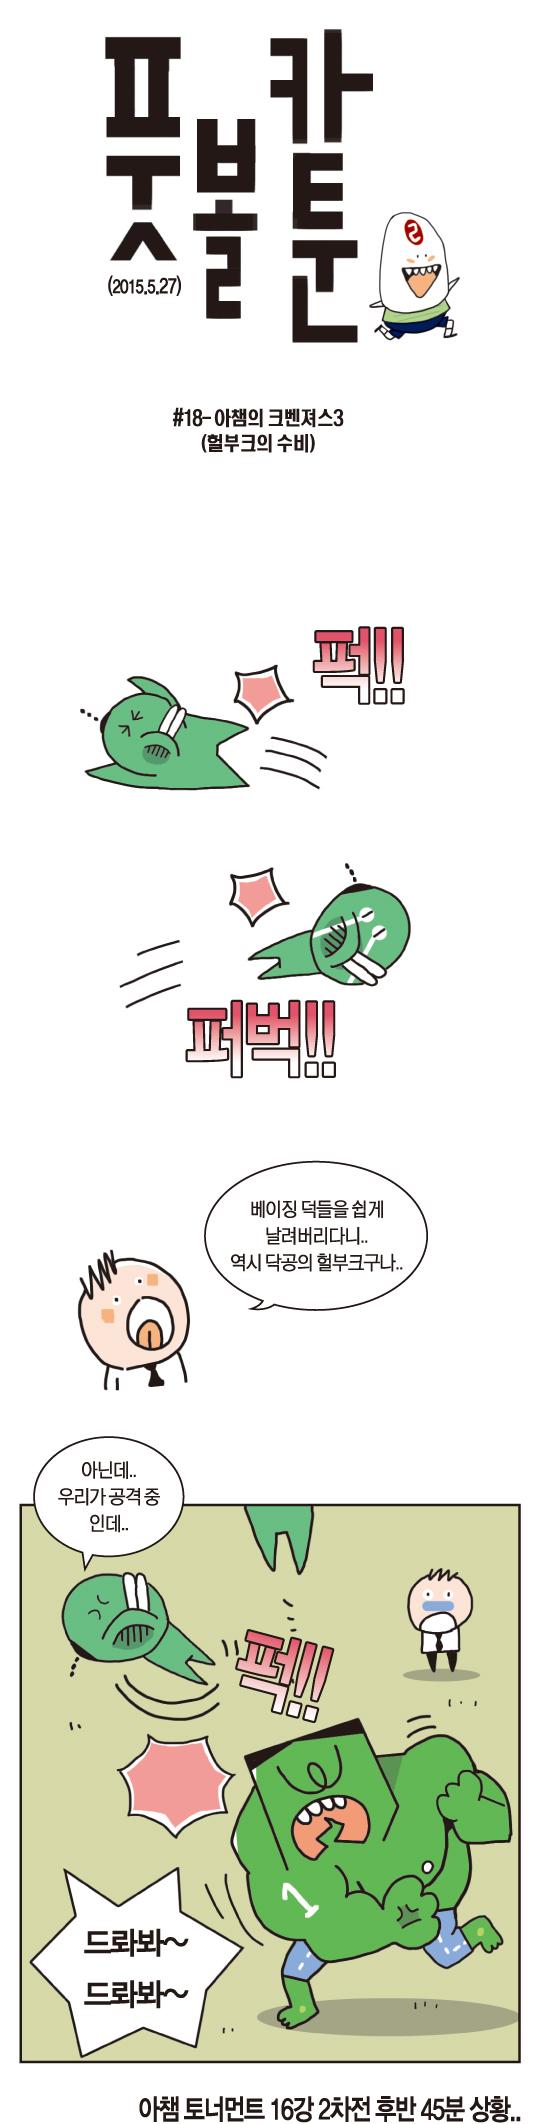 [전진이의 풋볼카툰]#18- 아챔의 크벤져스3 (헐부크의 수비) 기사의 사진